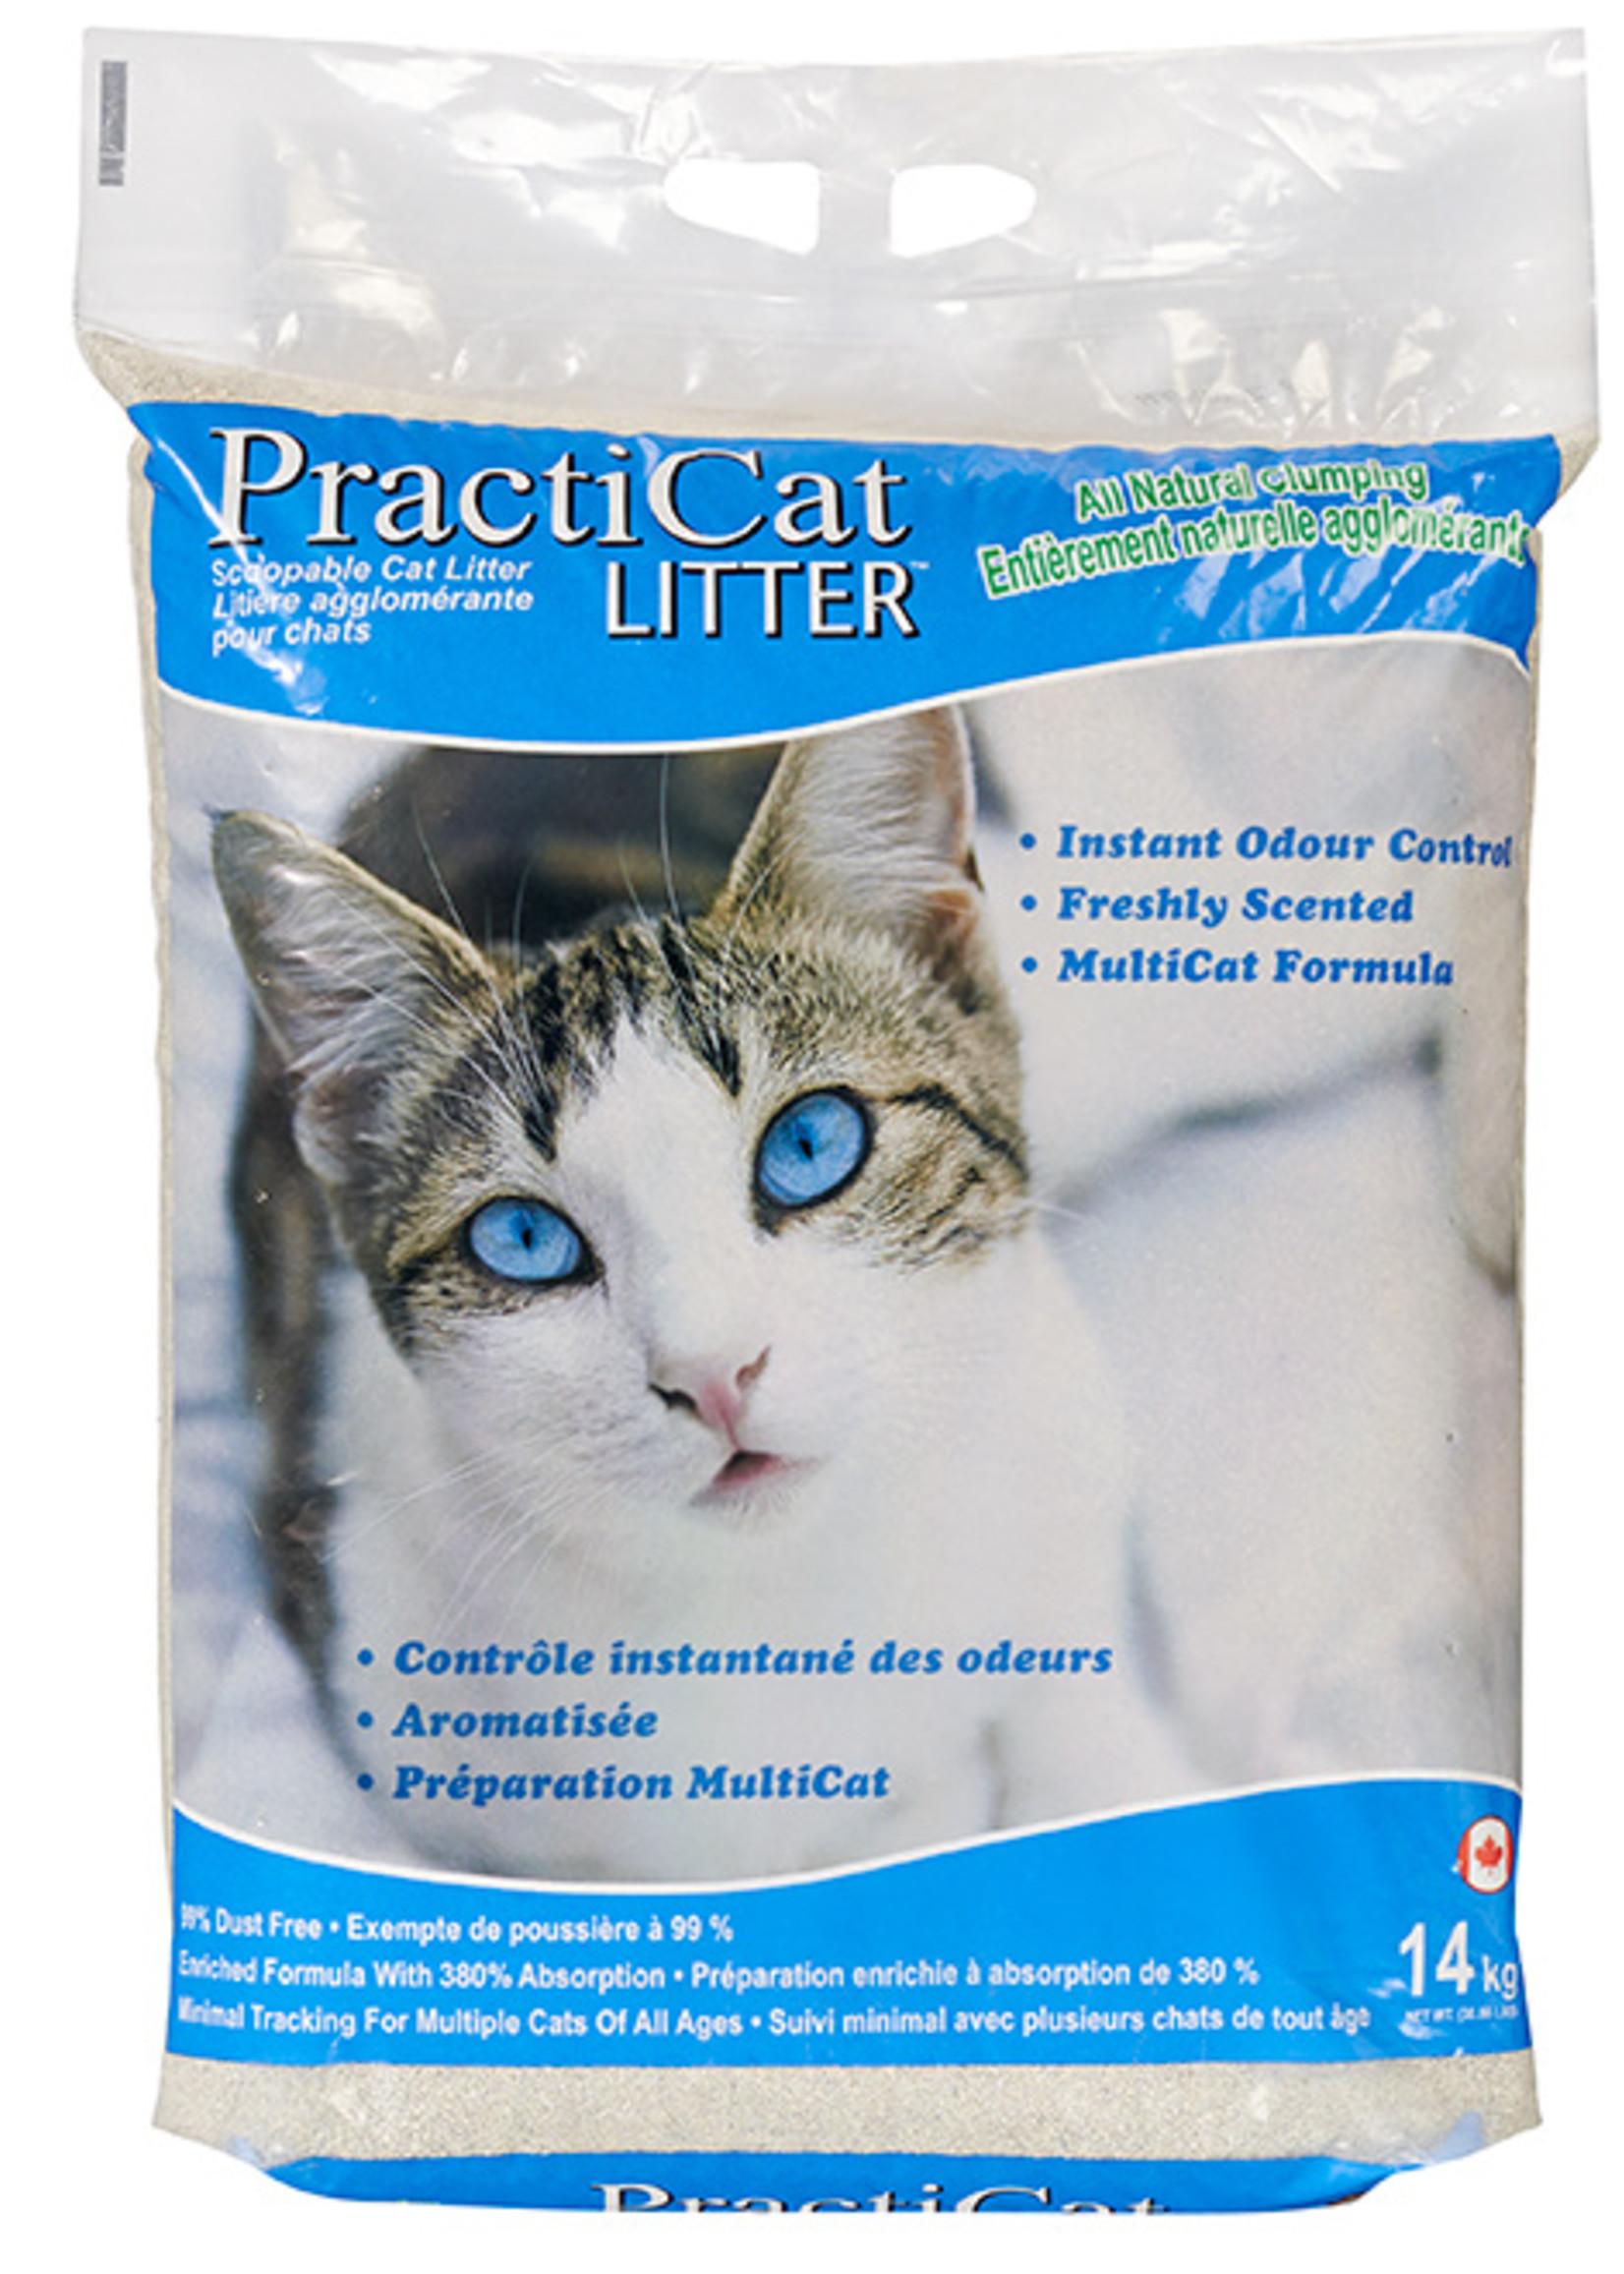 PRACTICAT PRACTICAT LITTER 31lbs